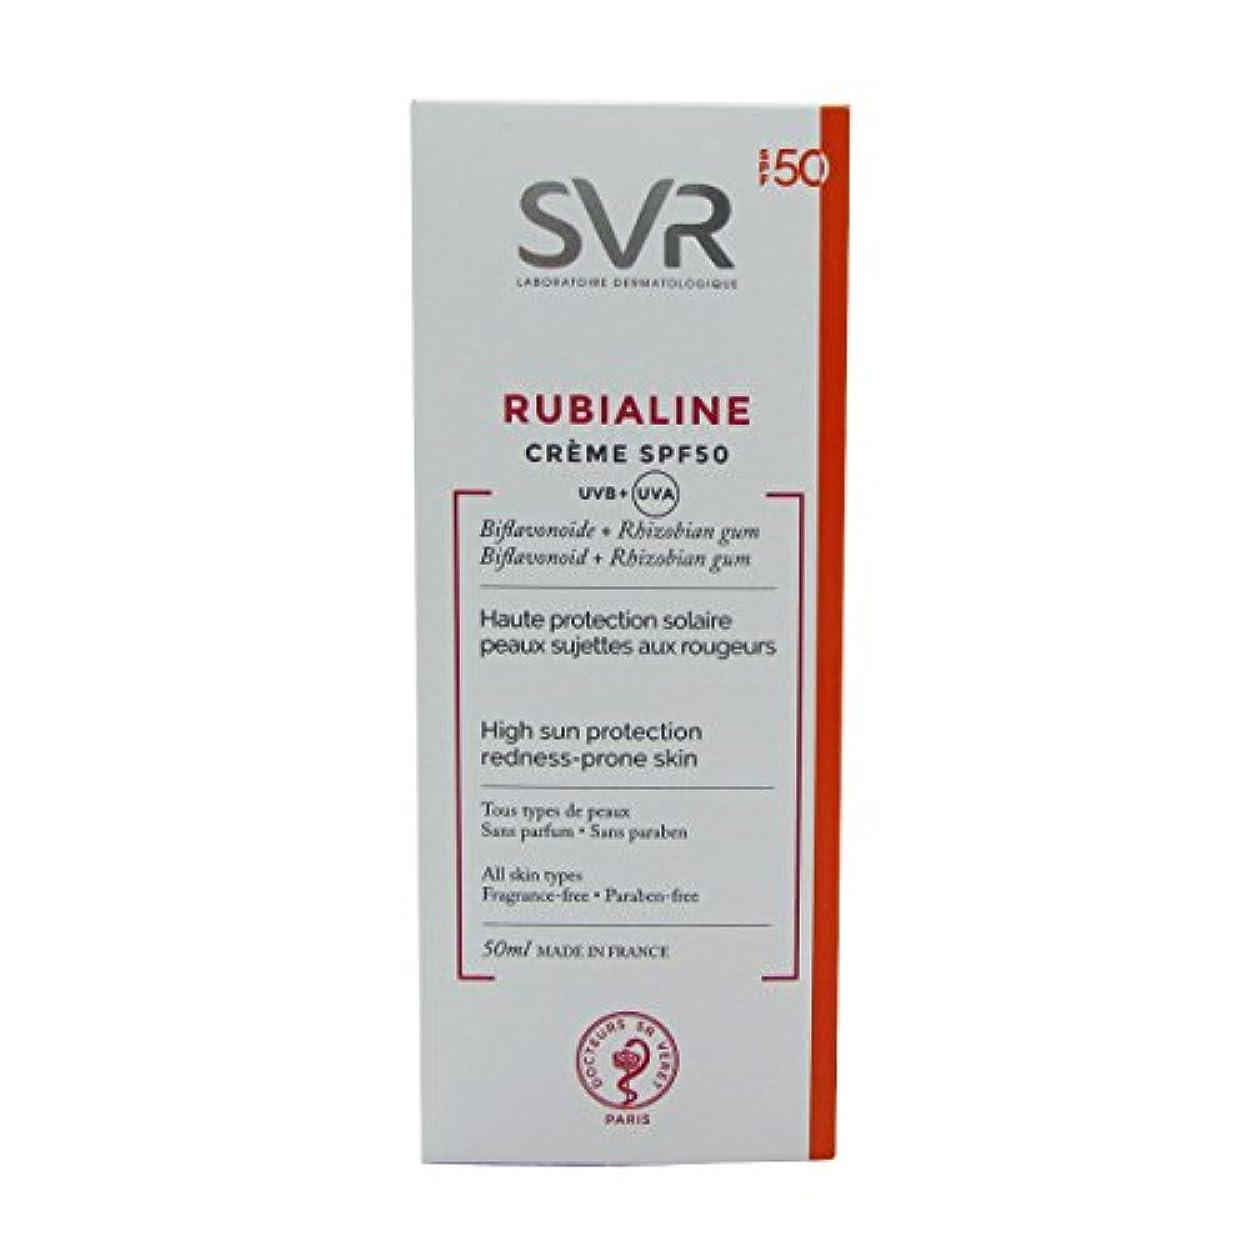 思いつく独立して私たちのものSvr Rubialine Cream Spf50 50ml [並行輸入品]